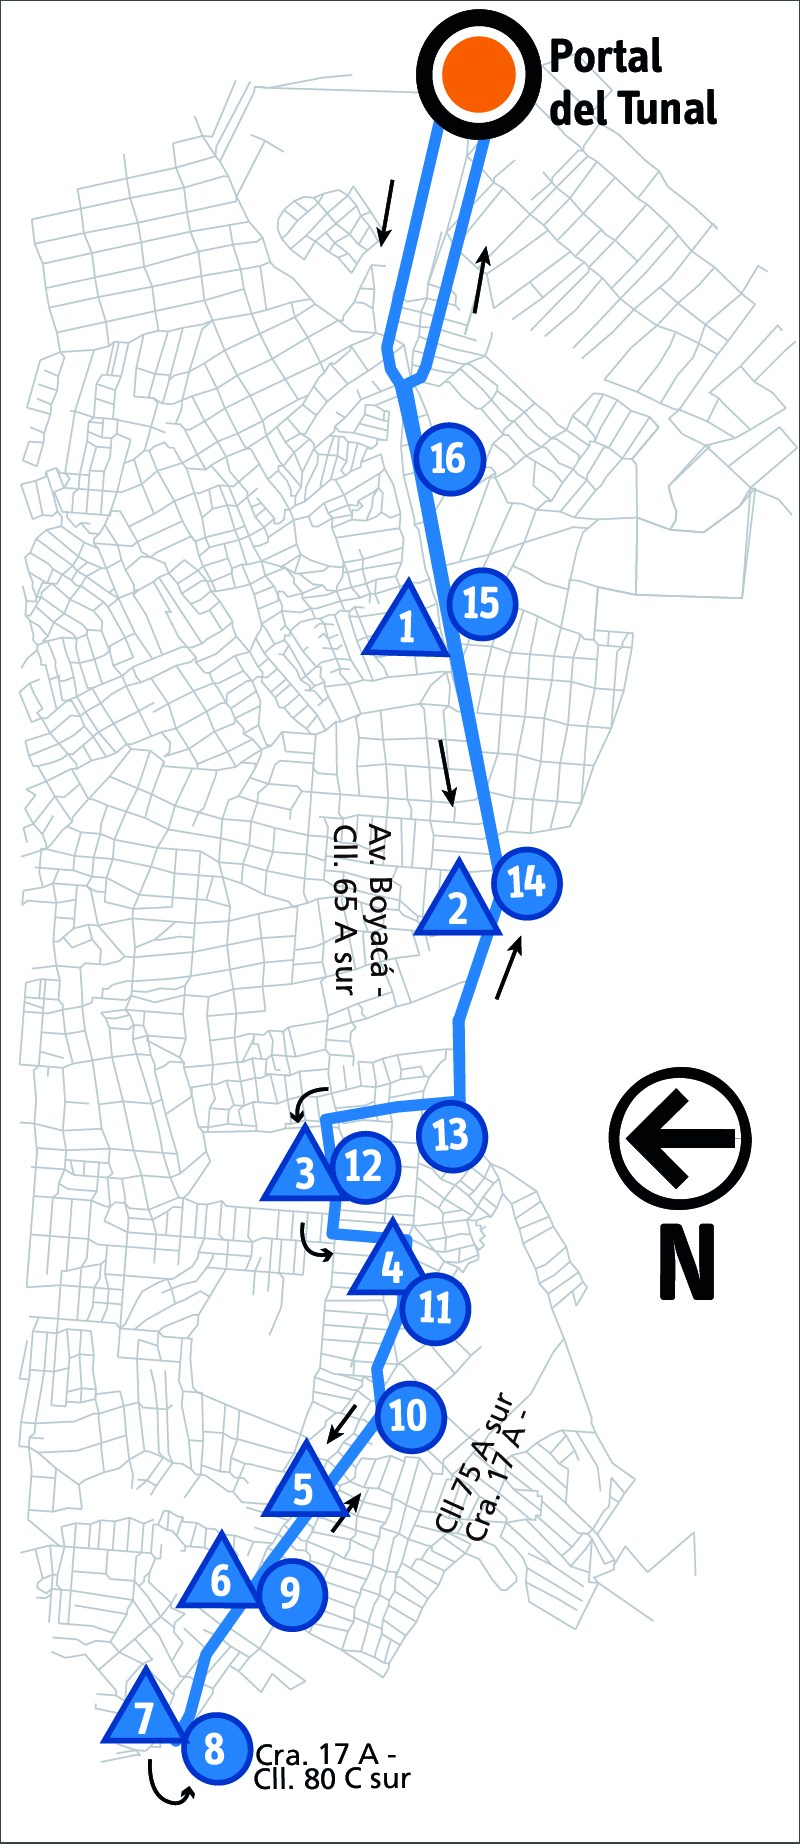 Ruta SITP: 6-7 ➜ San Joaquín [Alimentador]